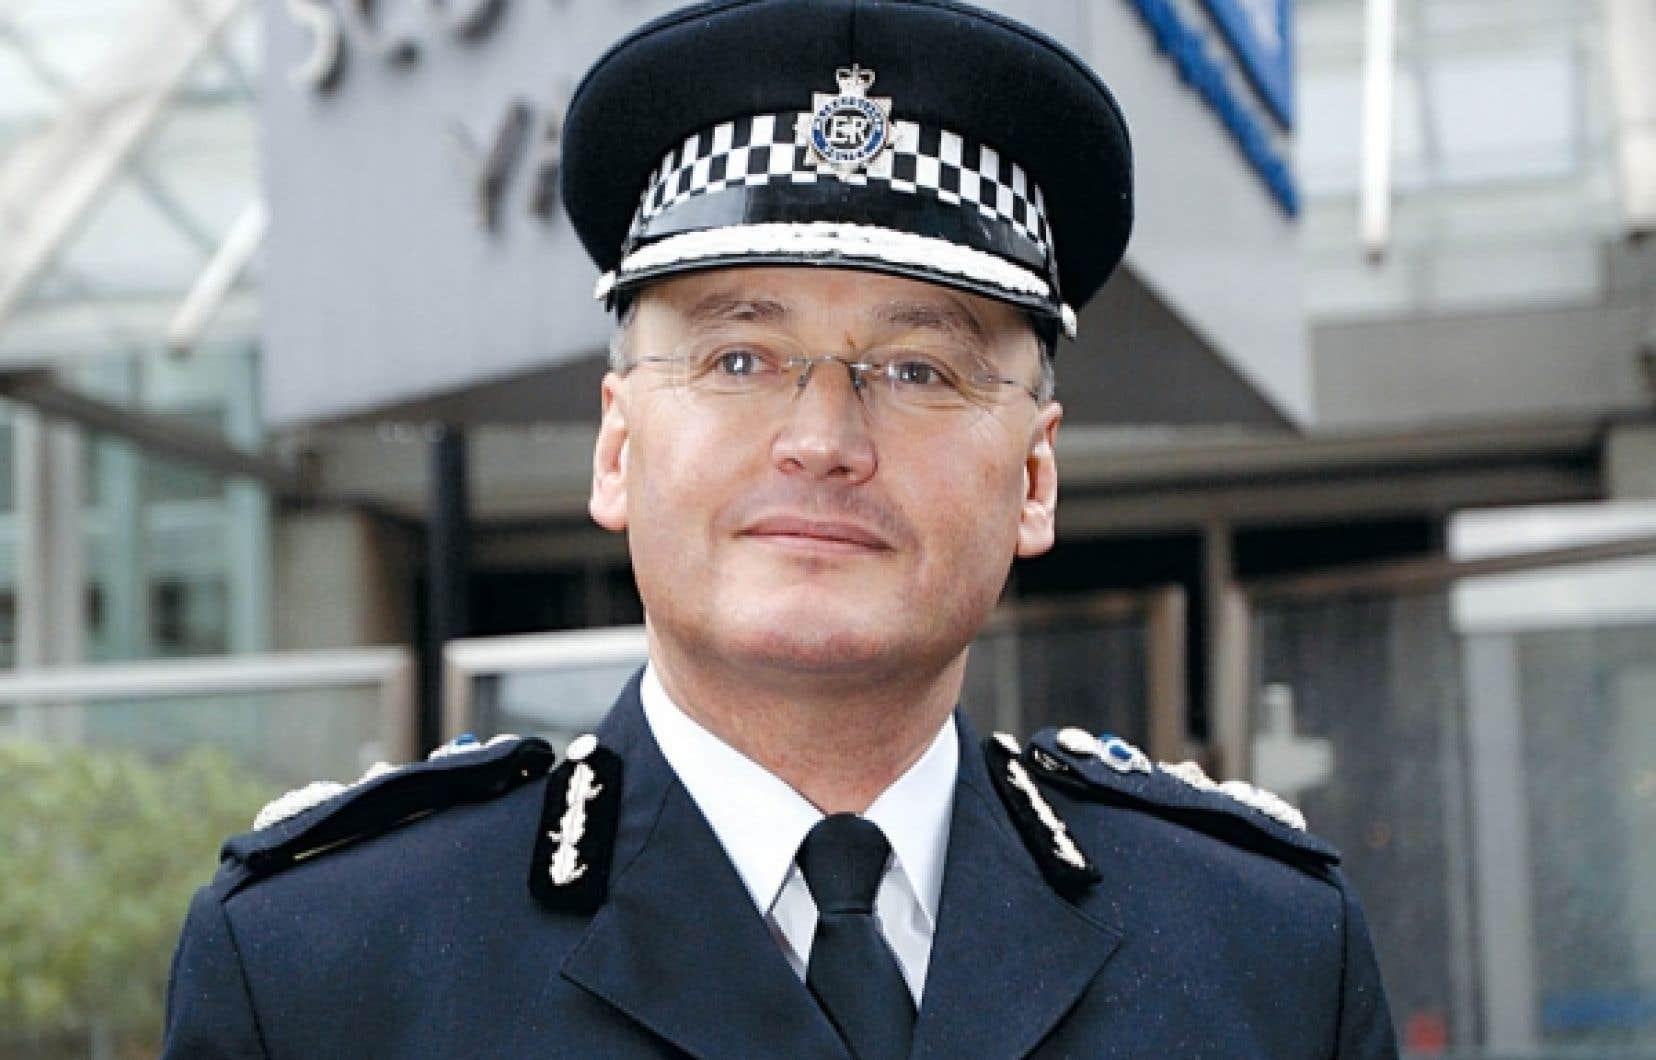 Le chef du Yard, Sir Paul Stephenson, est emporté par le scandale des écoutes.Récemment honoré par la reine Élisabeth II pour sa brillante carrière, il quitte son poste pour assurer la crédibilité de Scotland Yard, a-t-il déclaré à la télévision britannique.